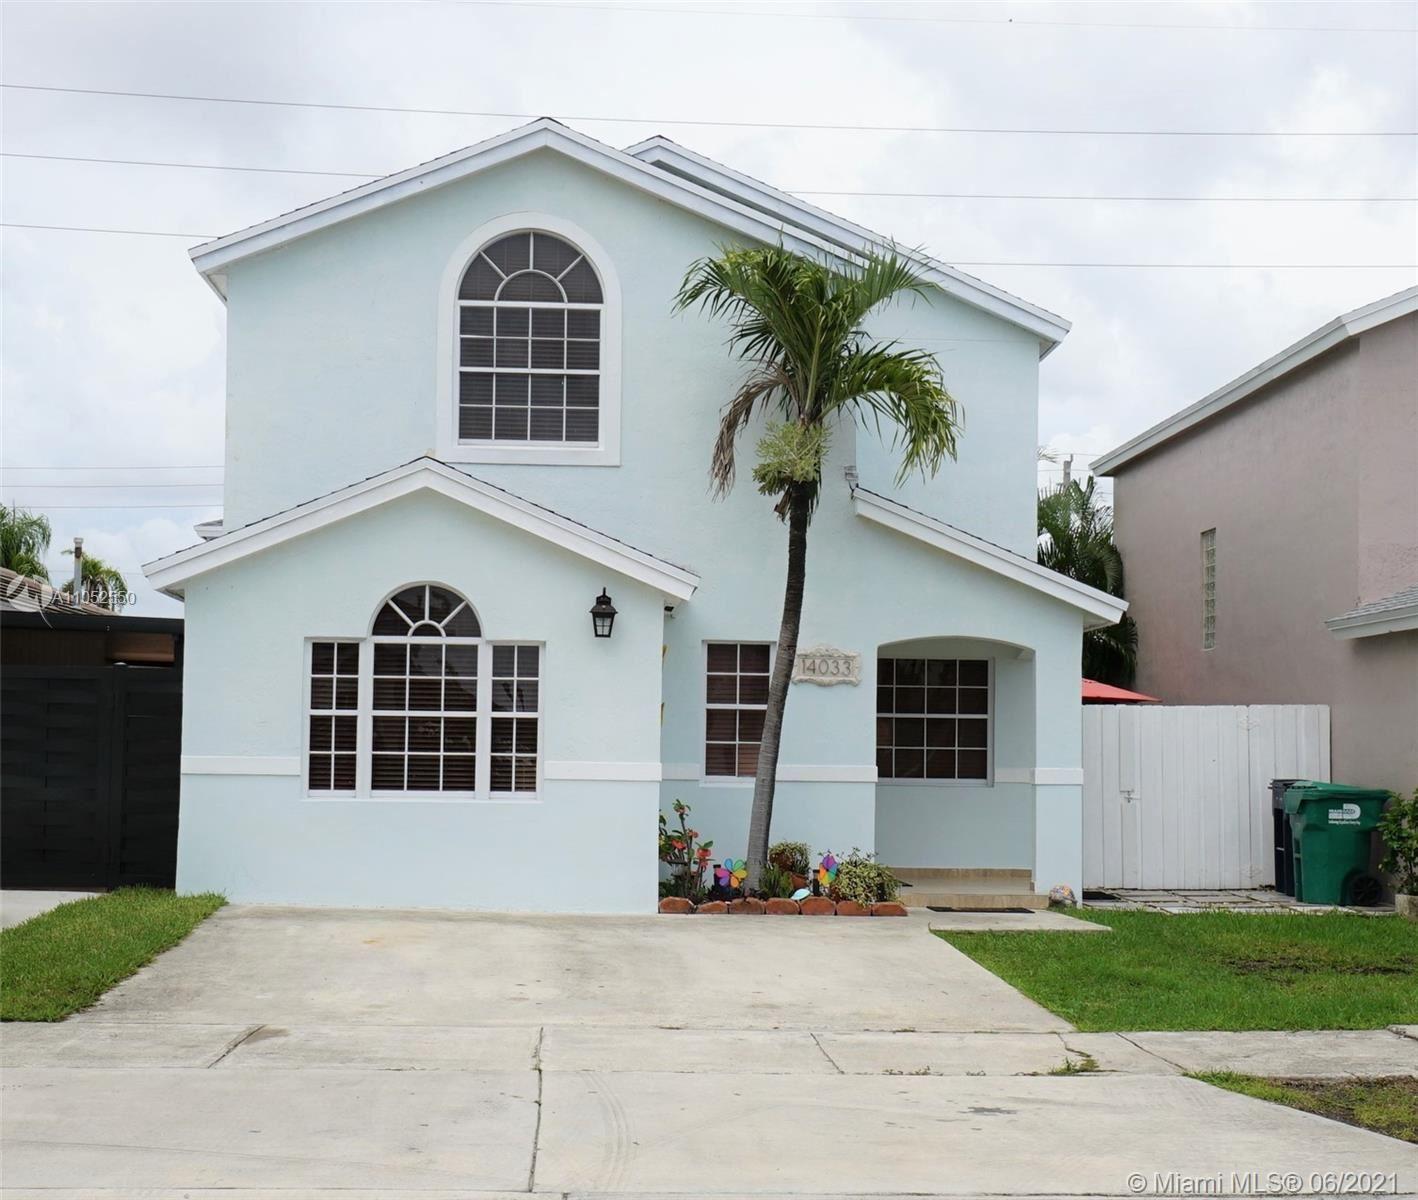 14033 SW 160th Ter, Miami, FL 33177 - #: A11052550